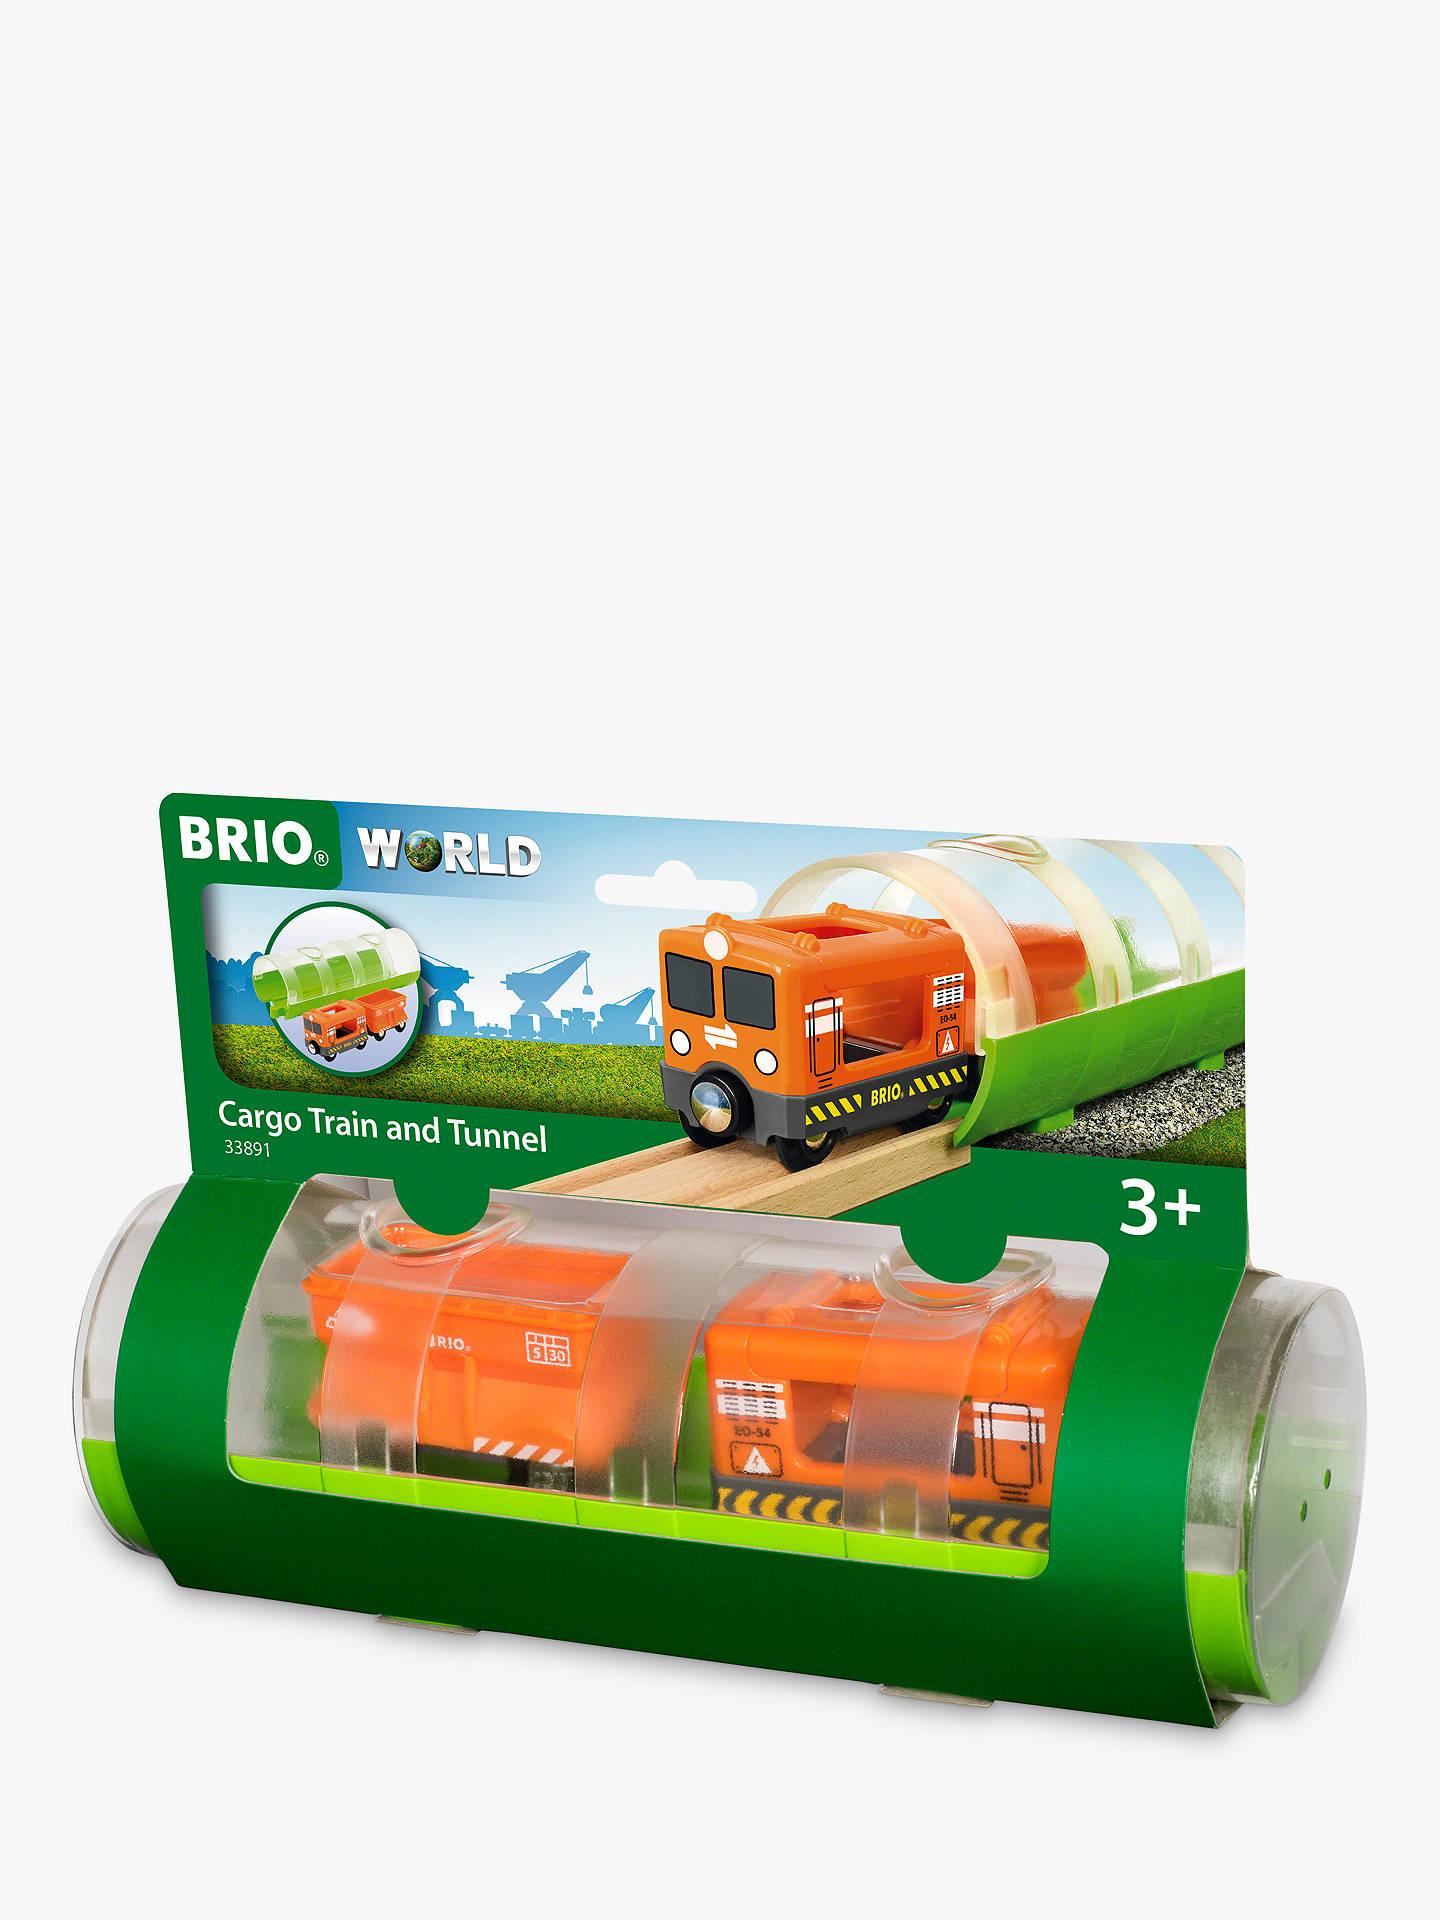 27f904933 Brio World Cargo Train and Tunnel